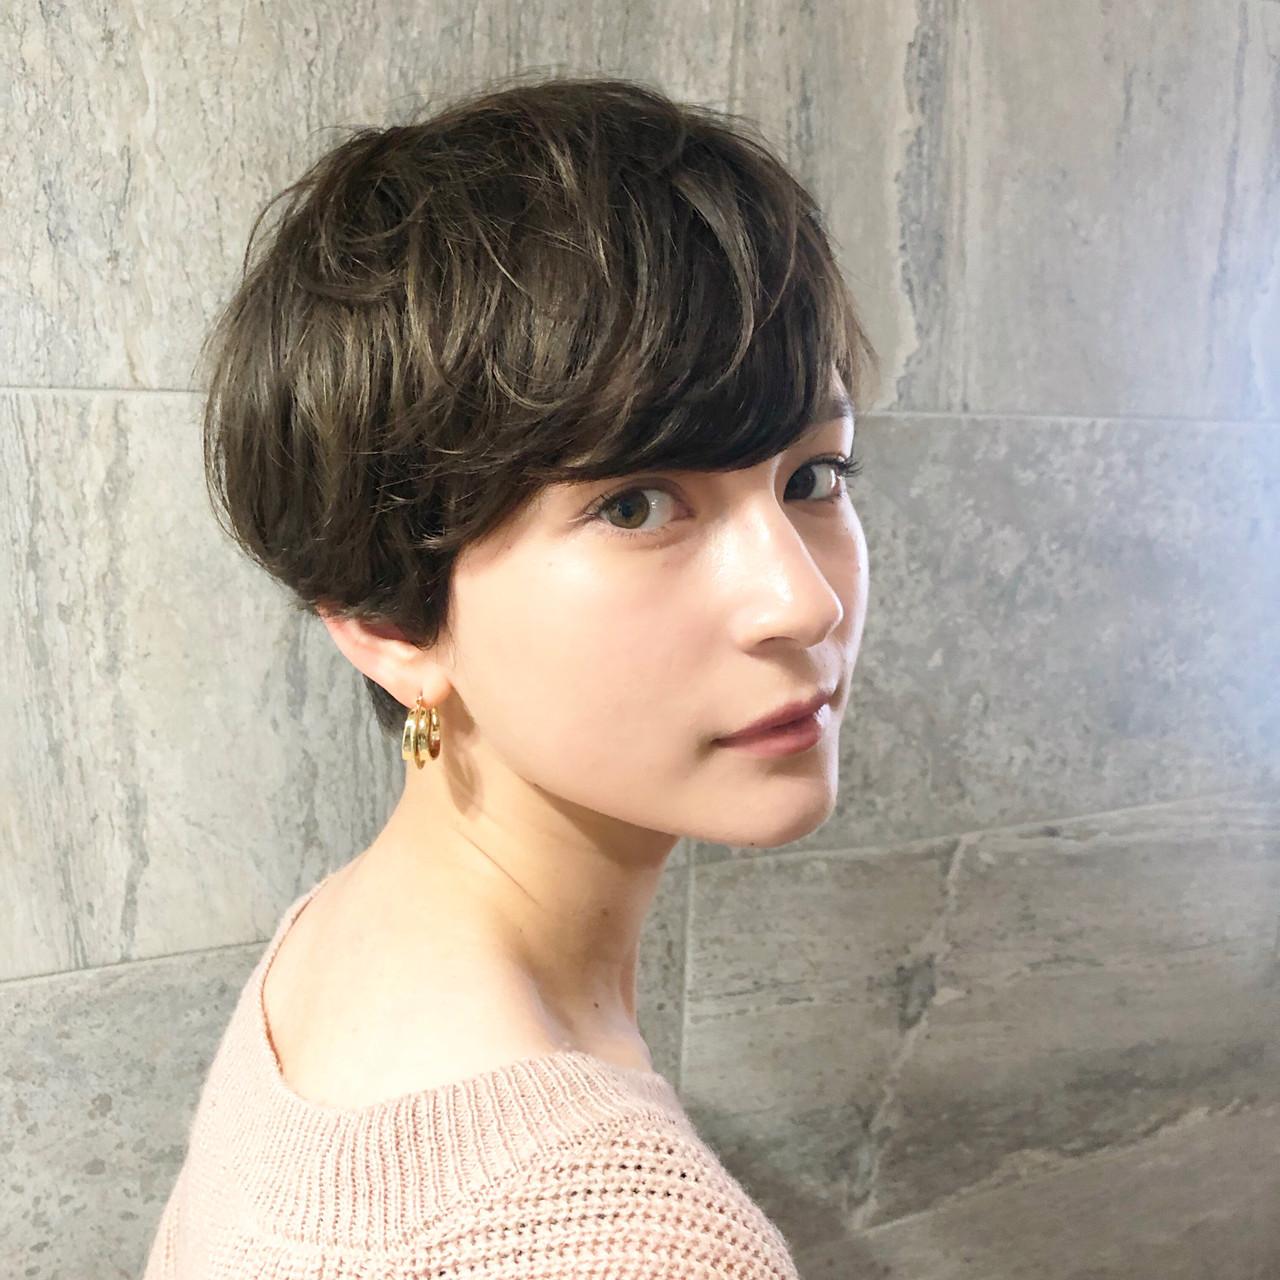 ナチュラル 簡単ヘアアレンジ スポーツ デート ヘアスタイルや髪型の写真・画像 | 村田勝利 / TONI&GUY JAPAN 広尾